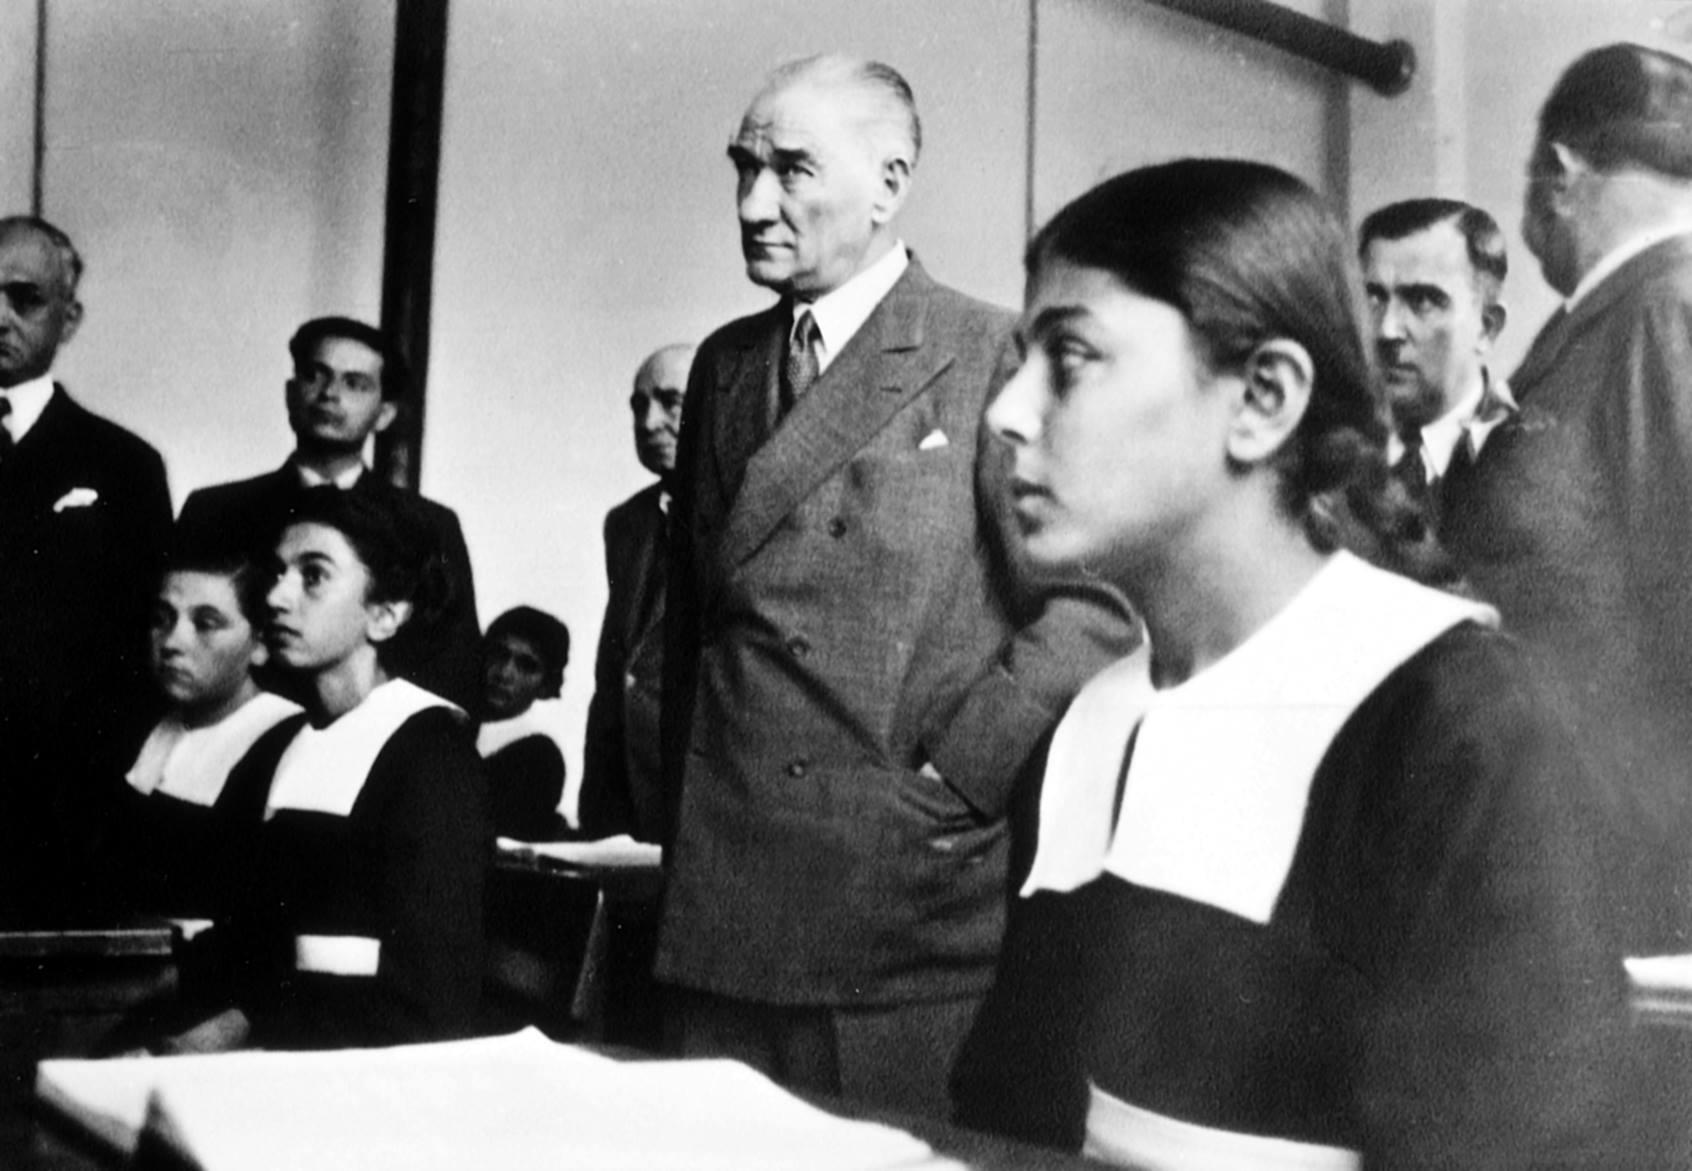 Atatürkün Gecesini Gündüzüne Kattığı Uğrunda Büyük Kavgalar Verdiği Kadın Hakları Mücadelesi 93